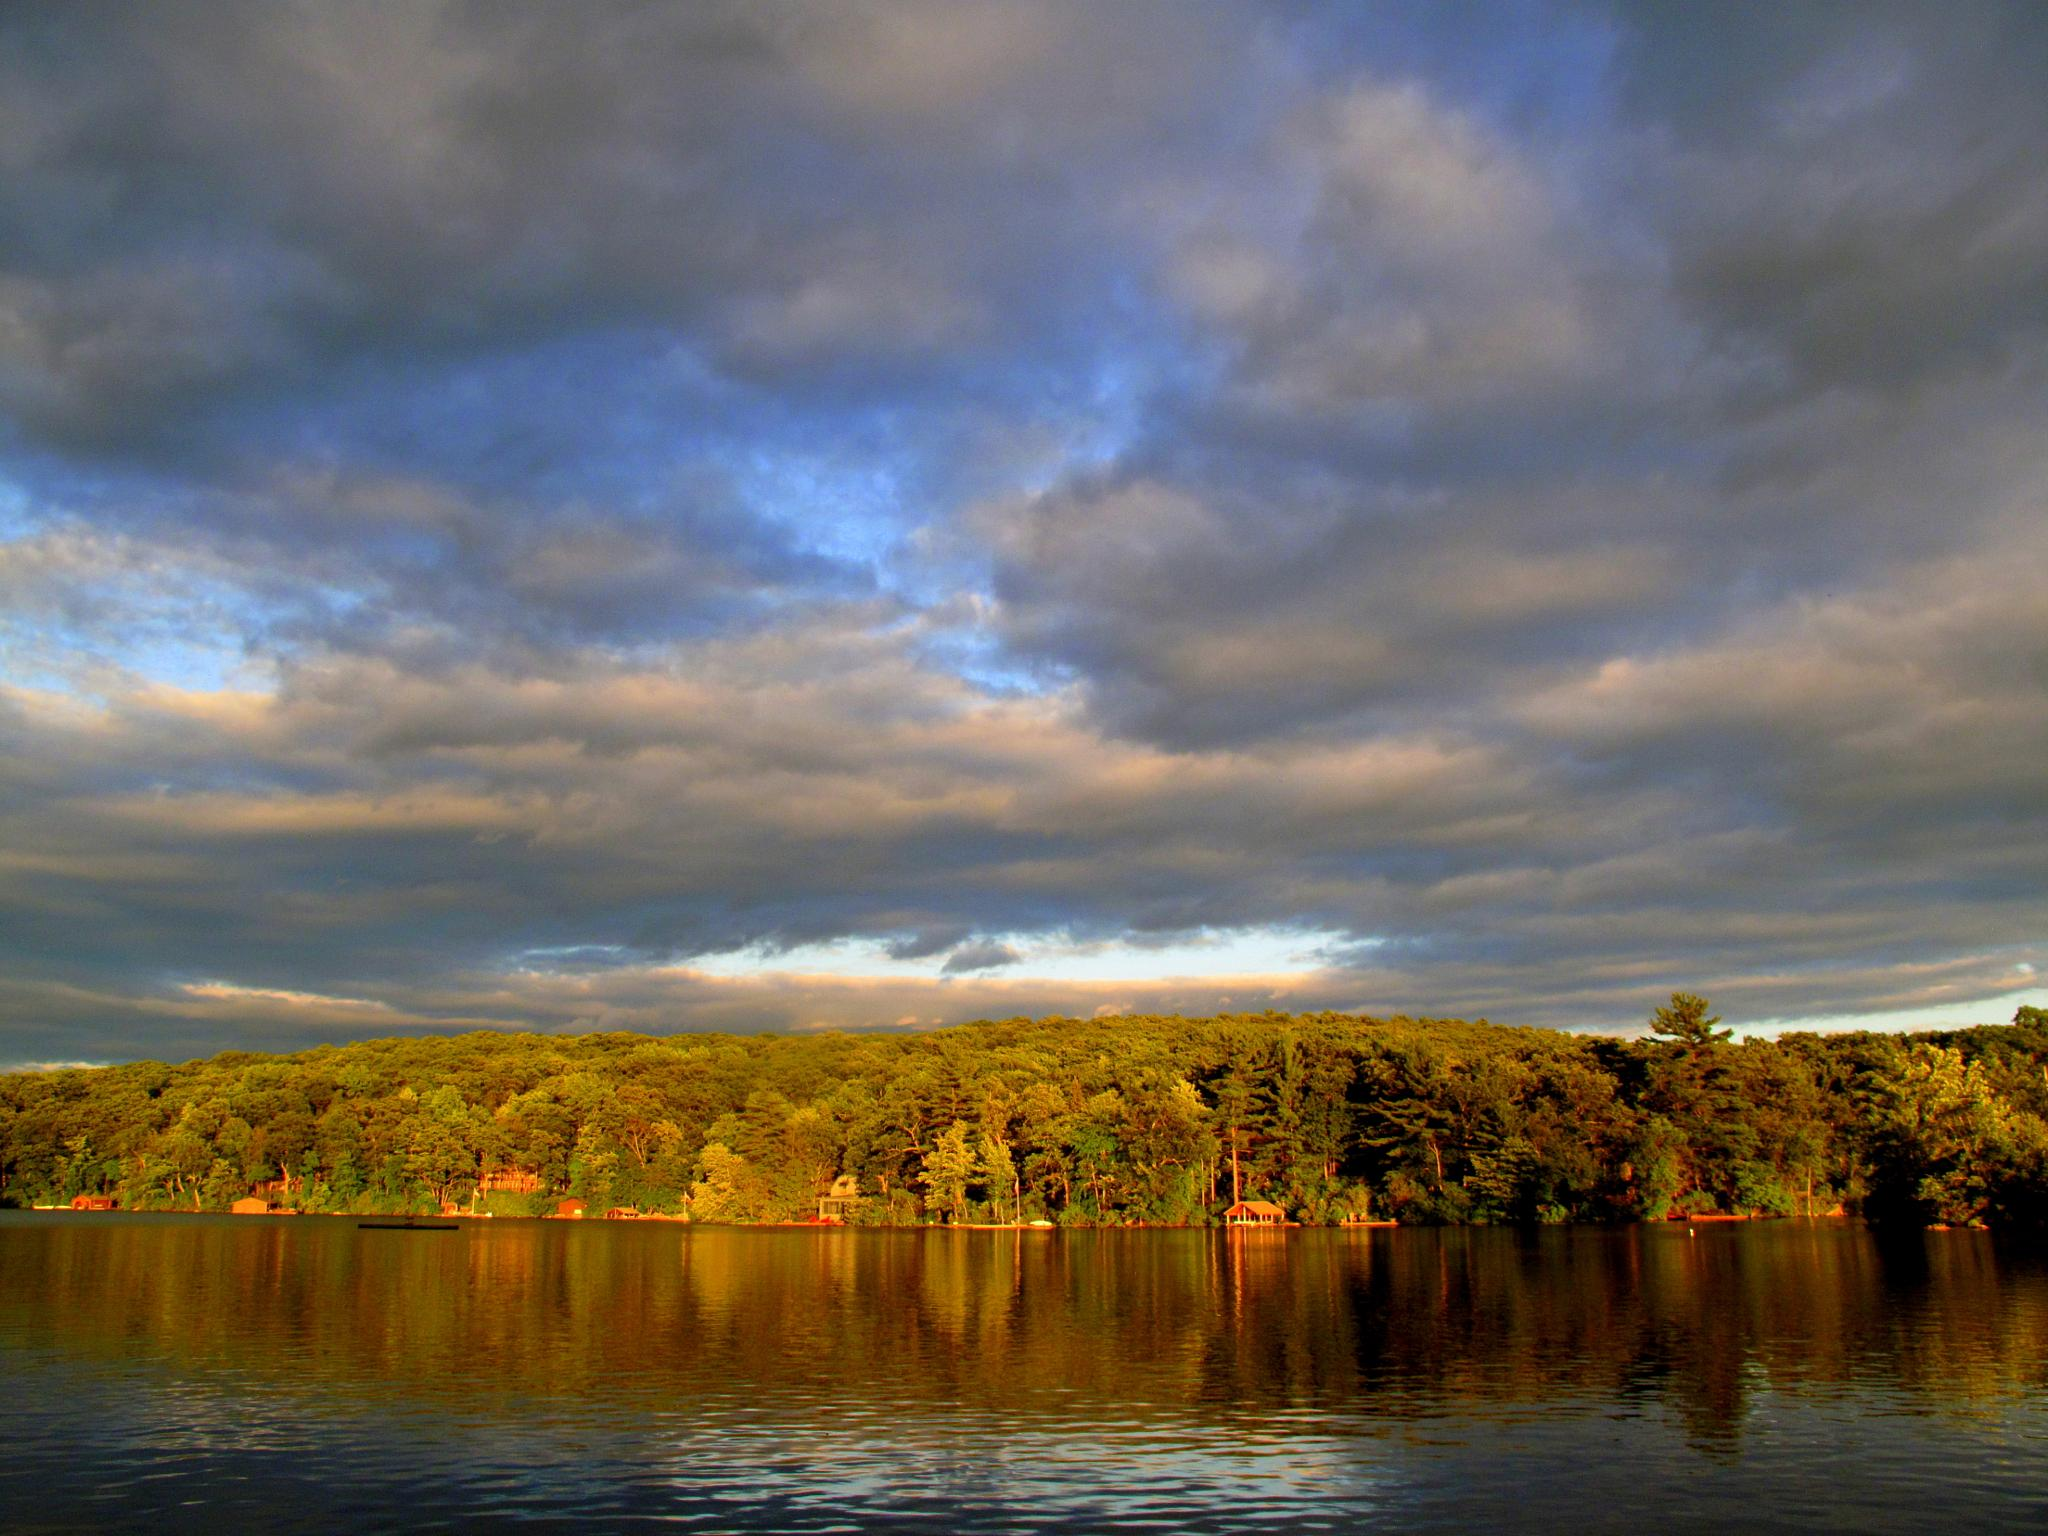 My lake by TatyanaNagel